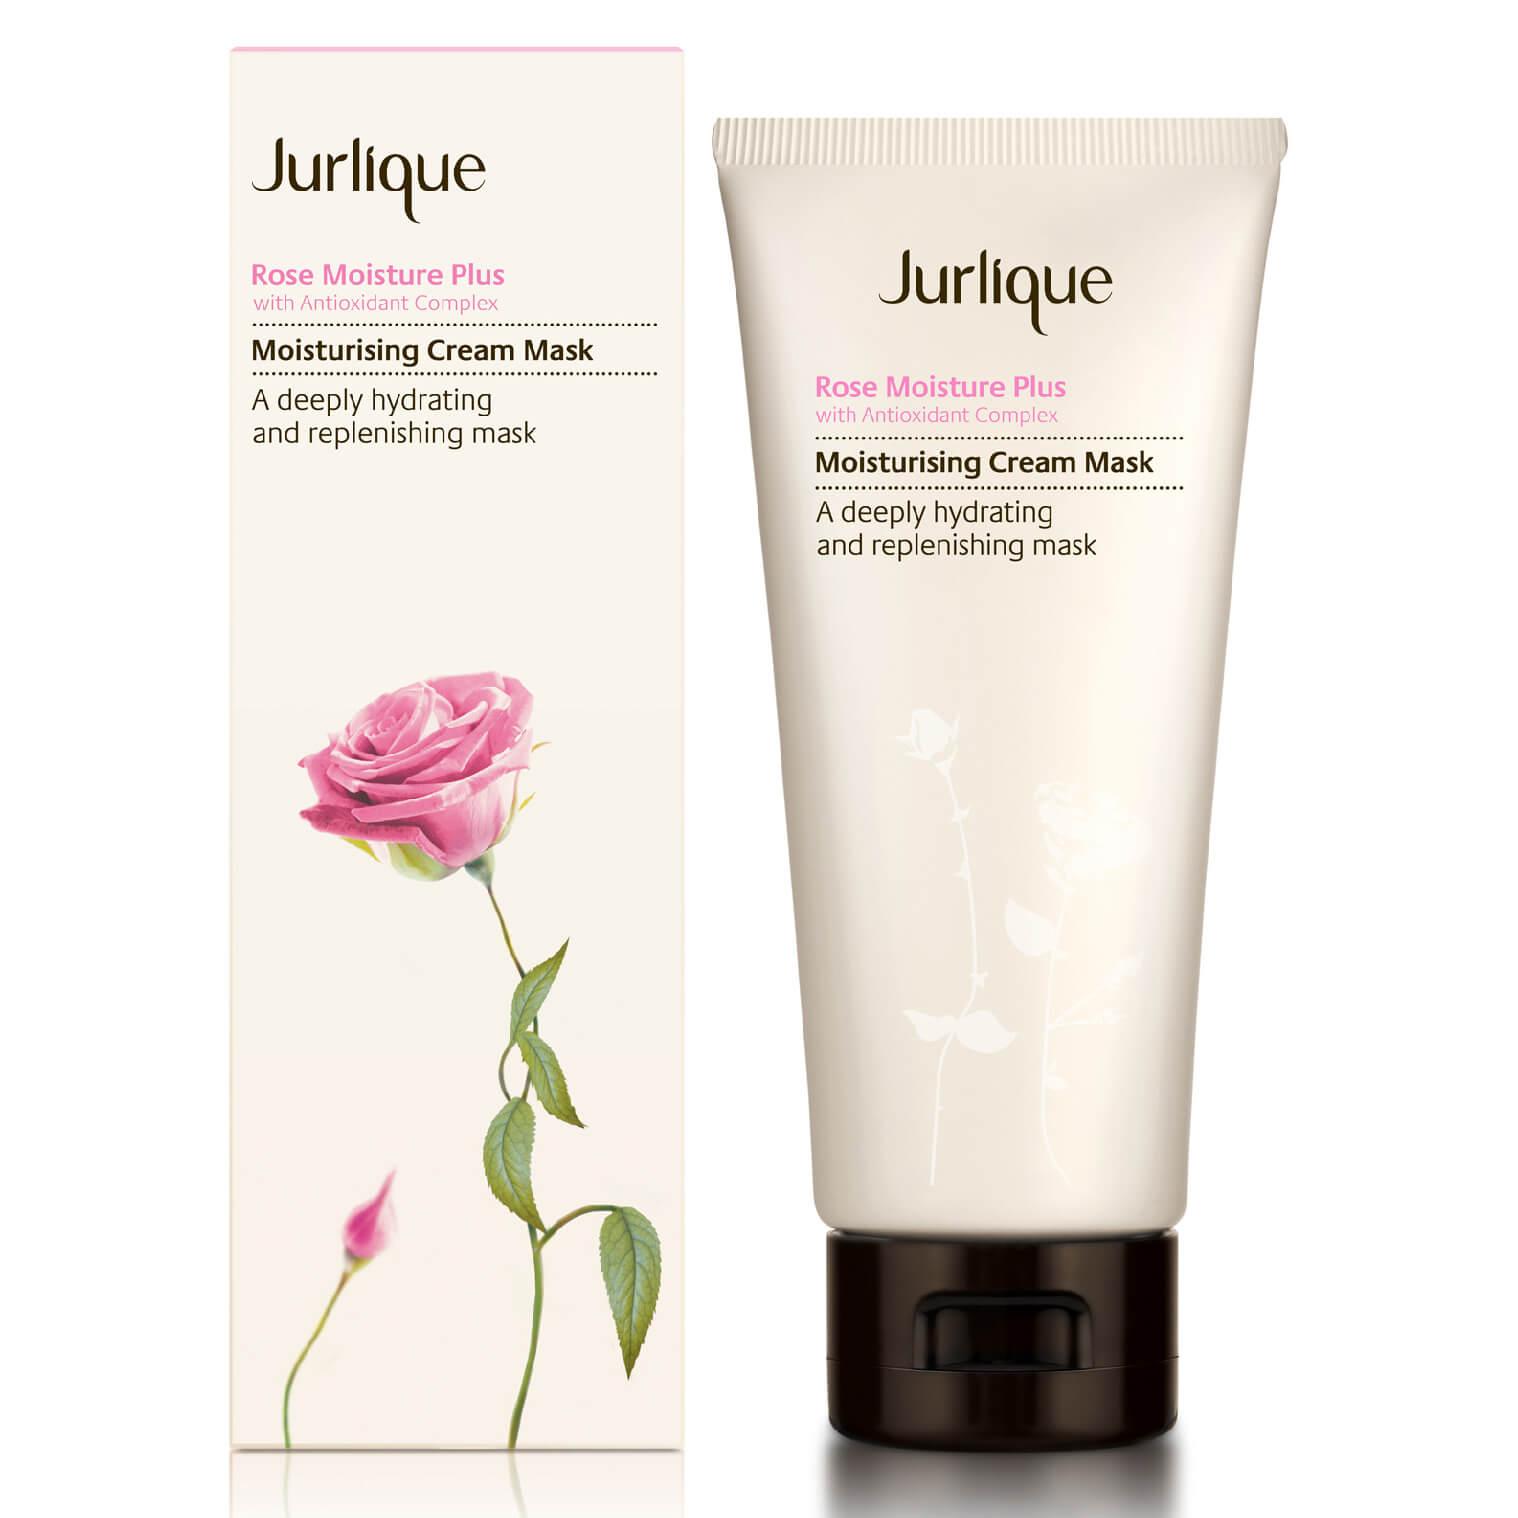 Jurlique Rose Moisture Plus Moisturising Cream Mask 100ml